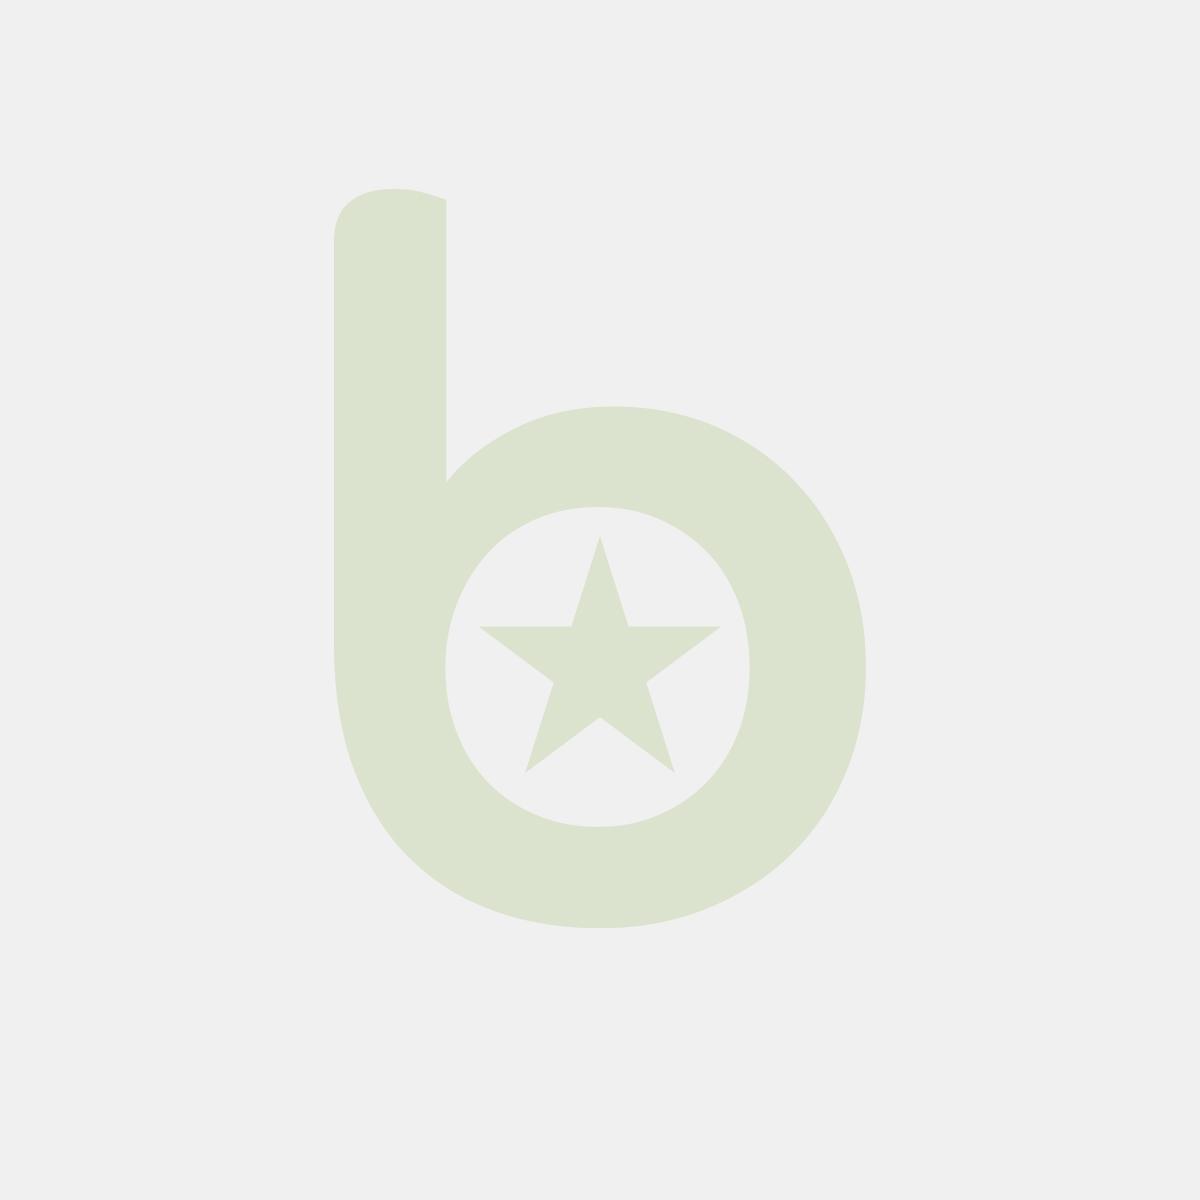 FINGERFOOD - kubek PS 6,2x6,2x5,8cm ERA 120ml transparentny op. 50 sztuk